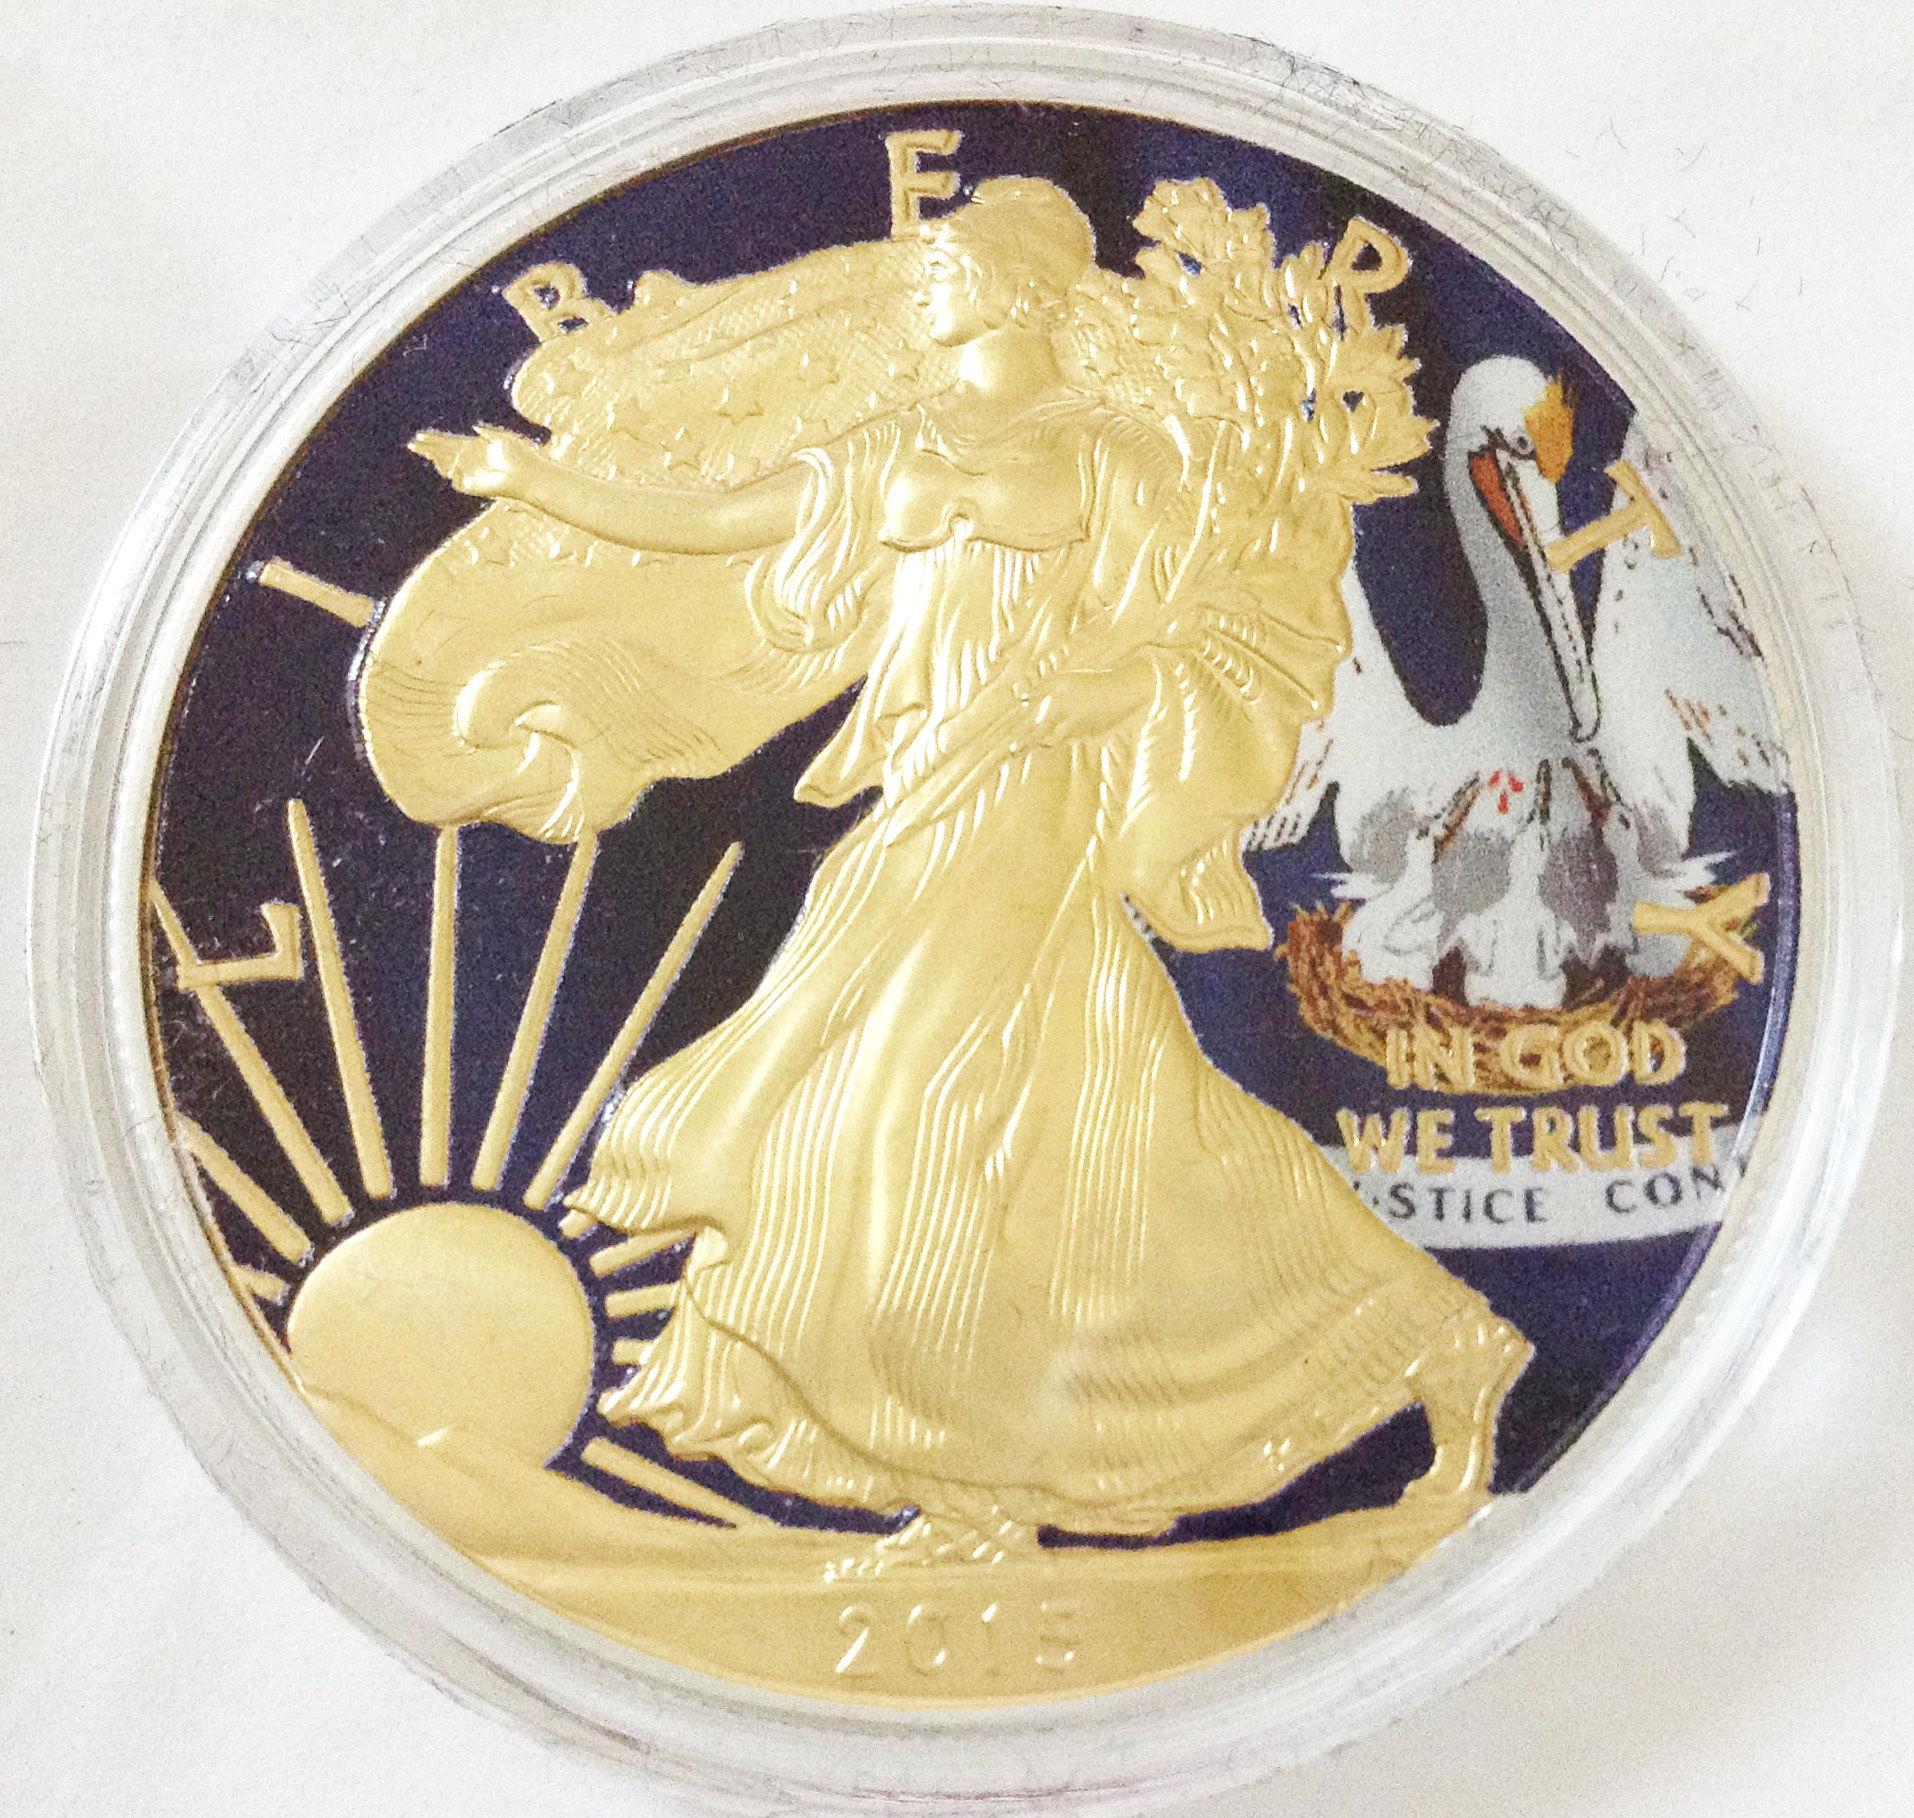 国内発送 即決 世界限定200個 シルバーイーグル銀貨 州旗バージョン ルイジアナ州 ボックス付 コレクター シリアルナンバー 24金ゴールド